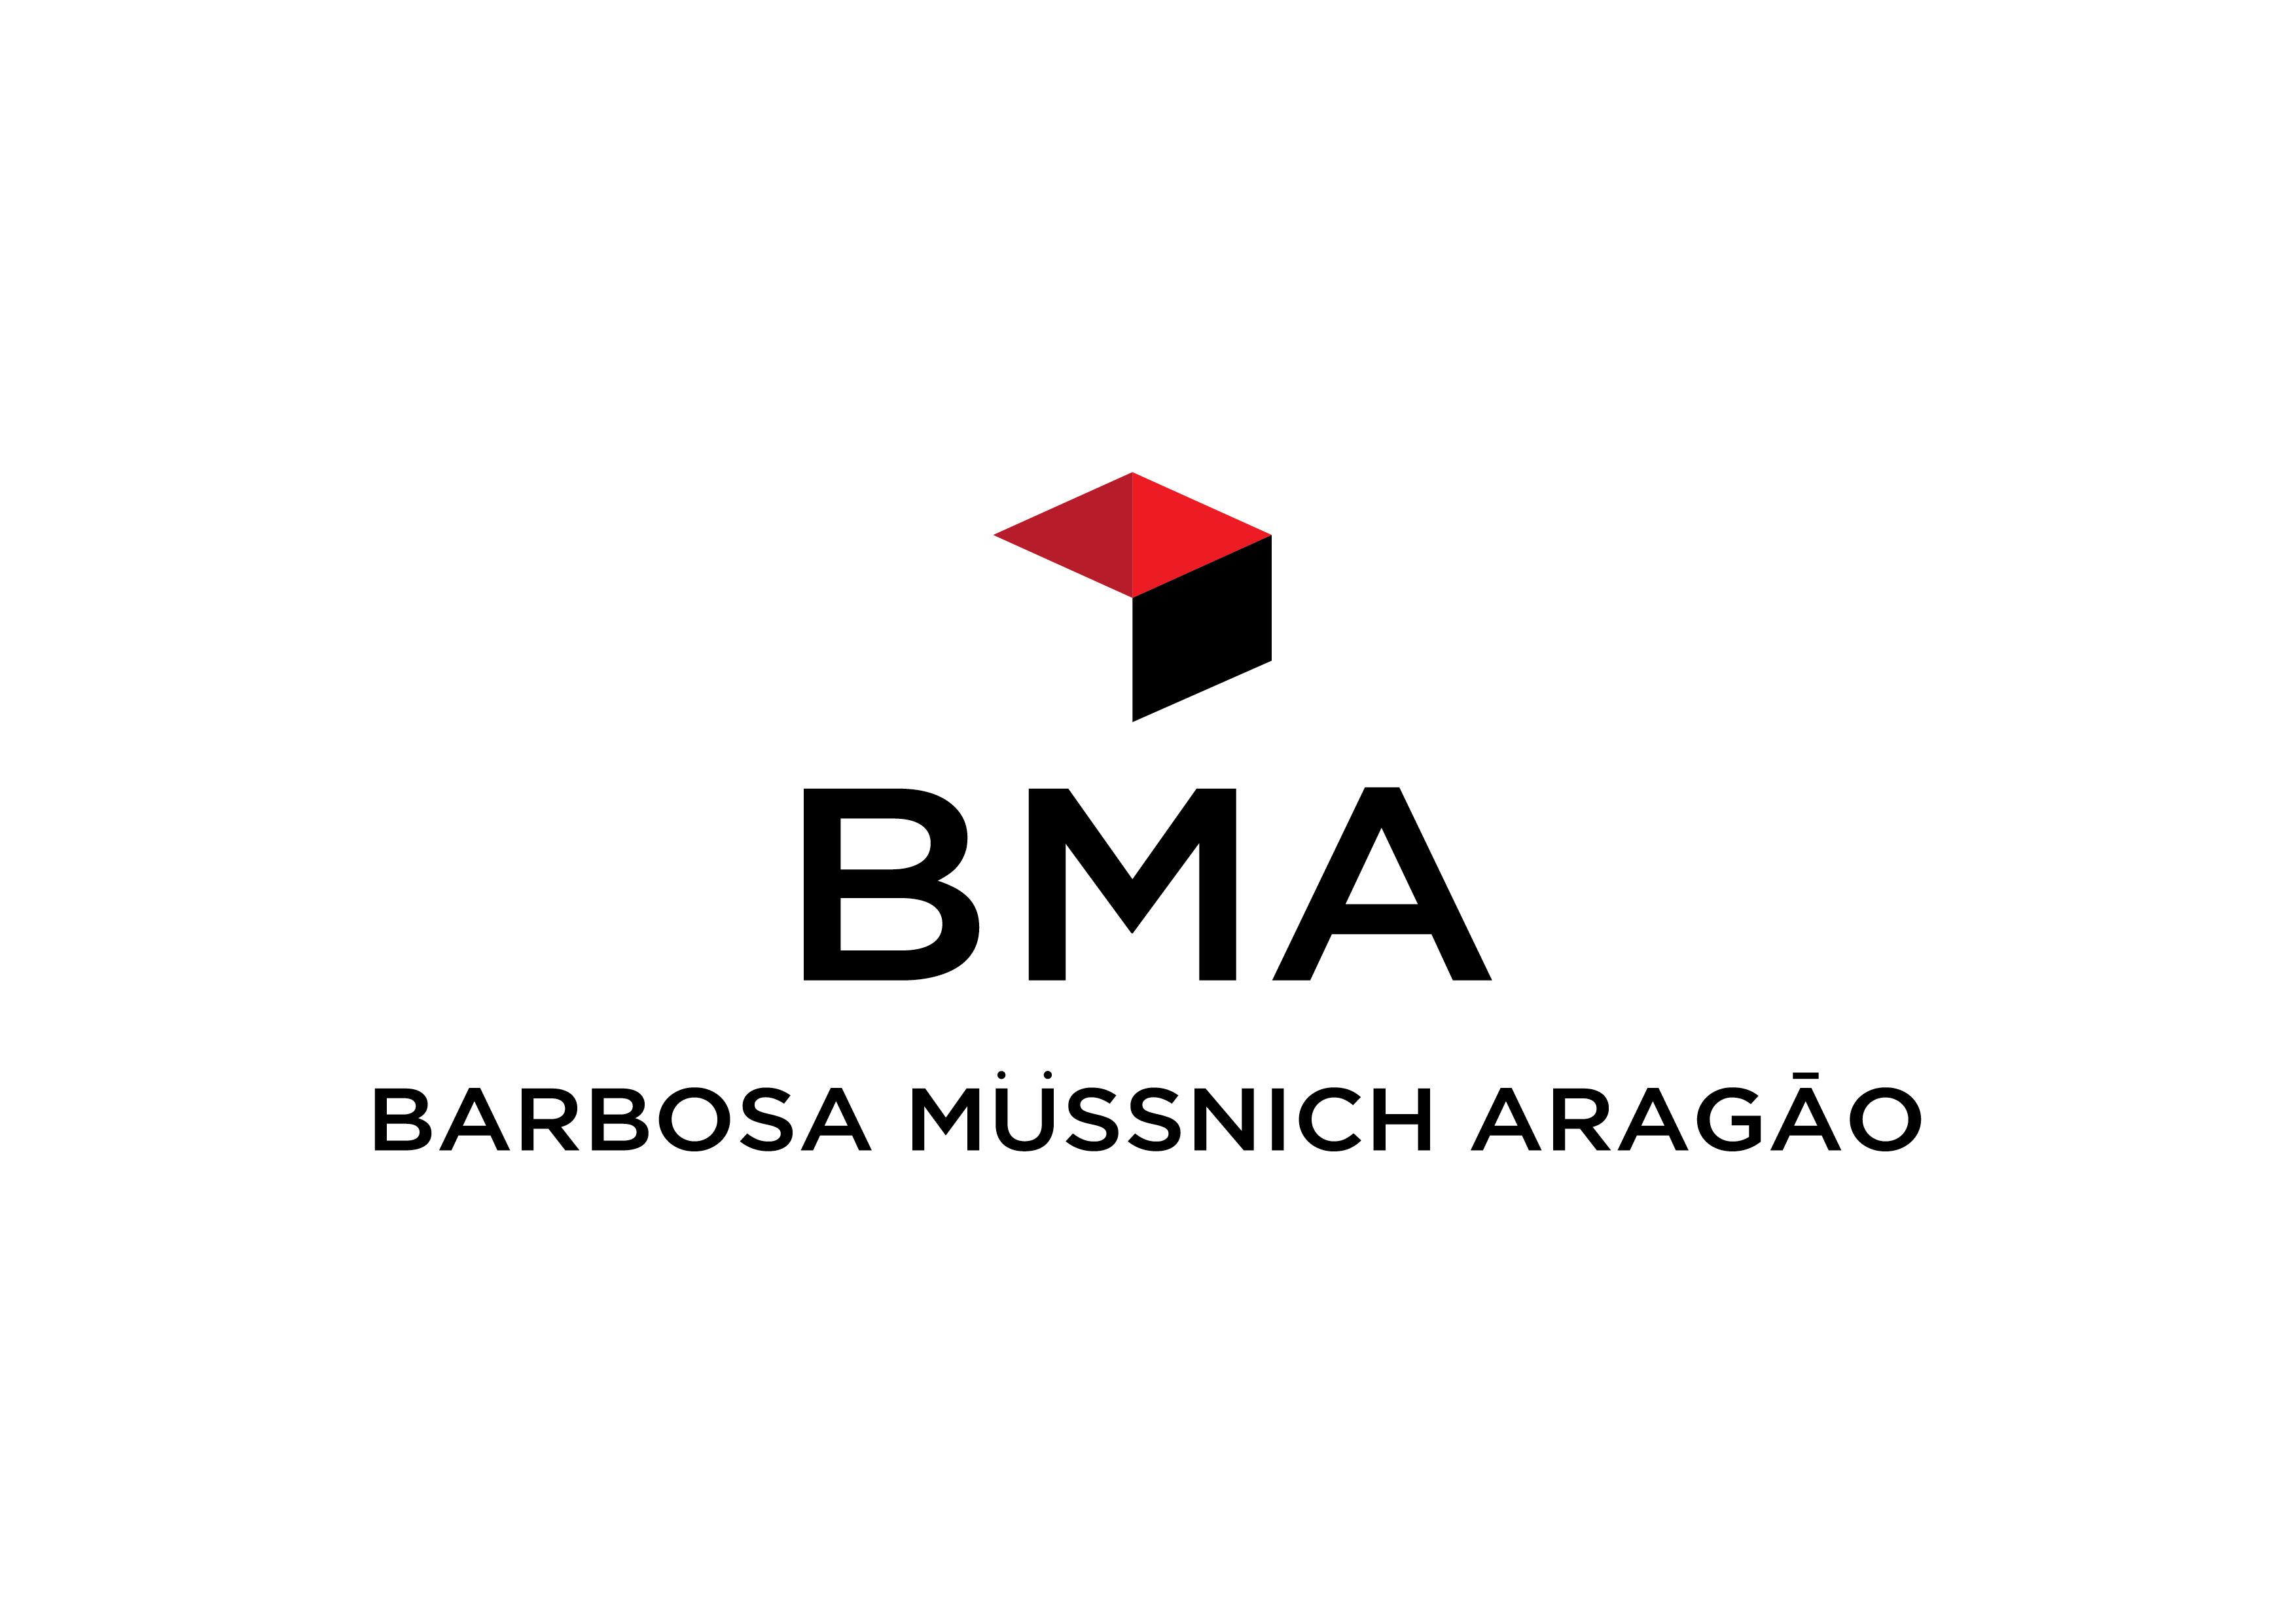 Barbosa Mussnich Aragao